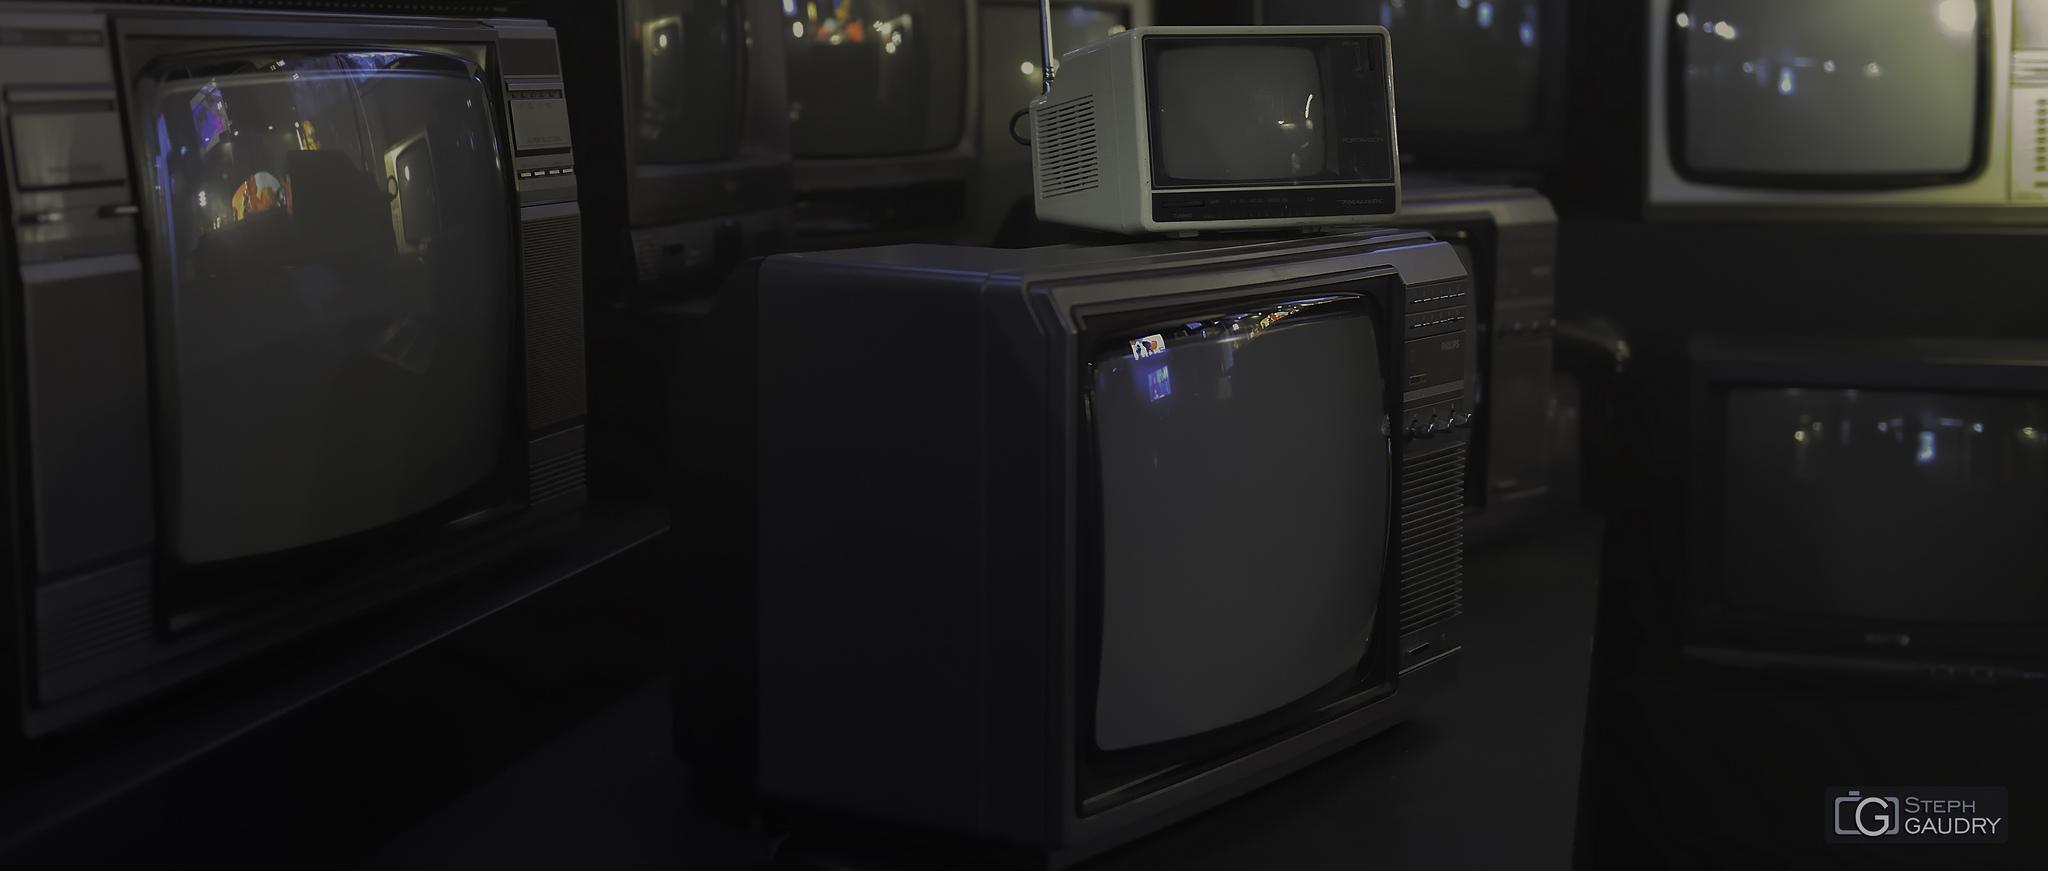 Anciens téléviseurs @ Generation '80